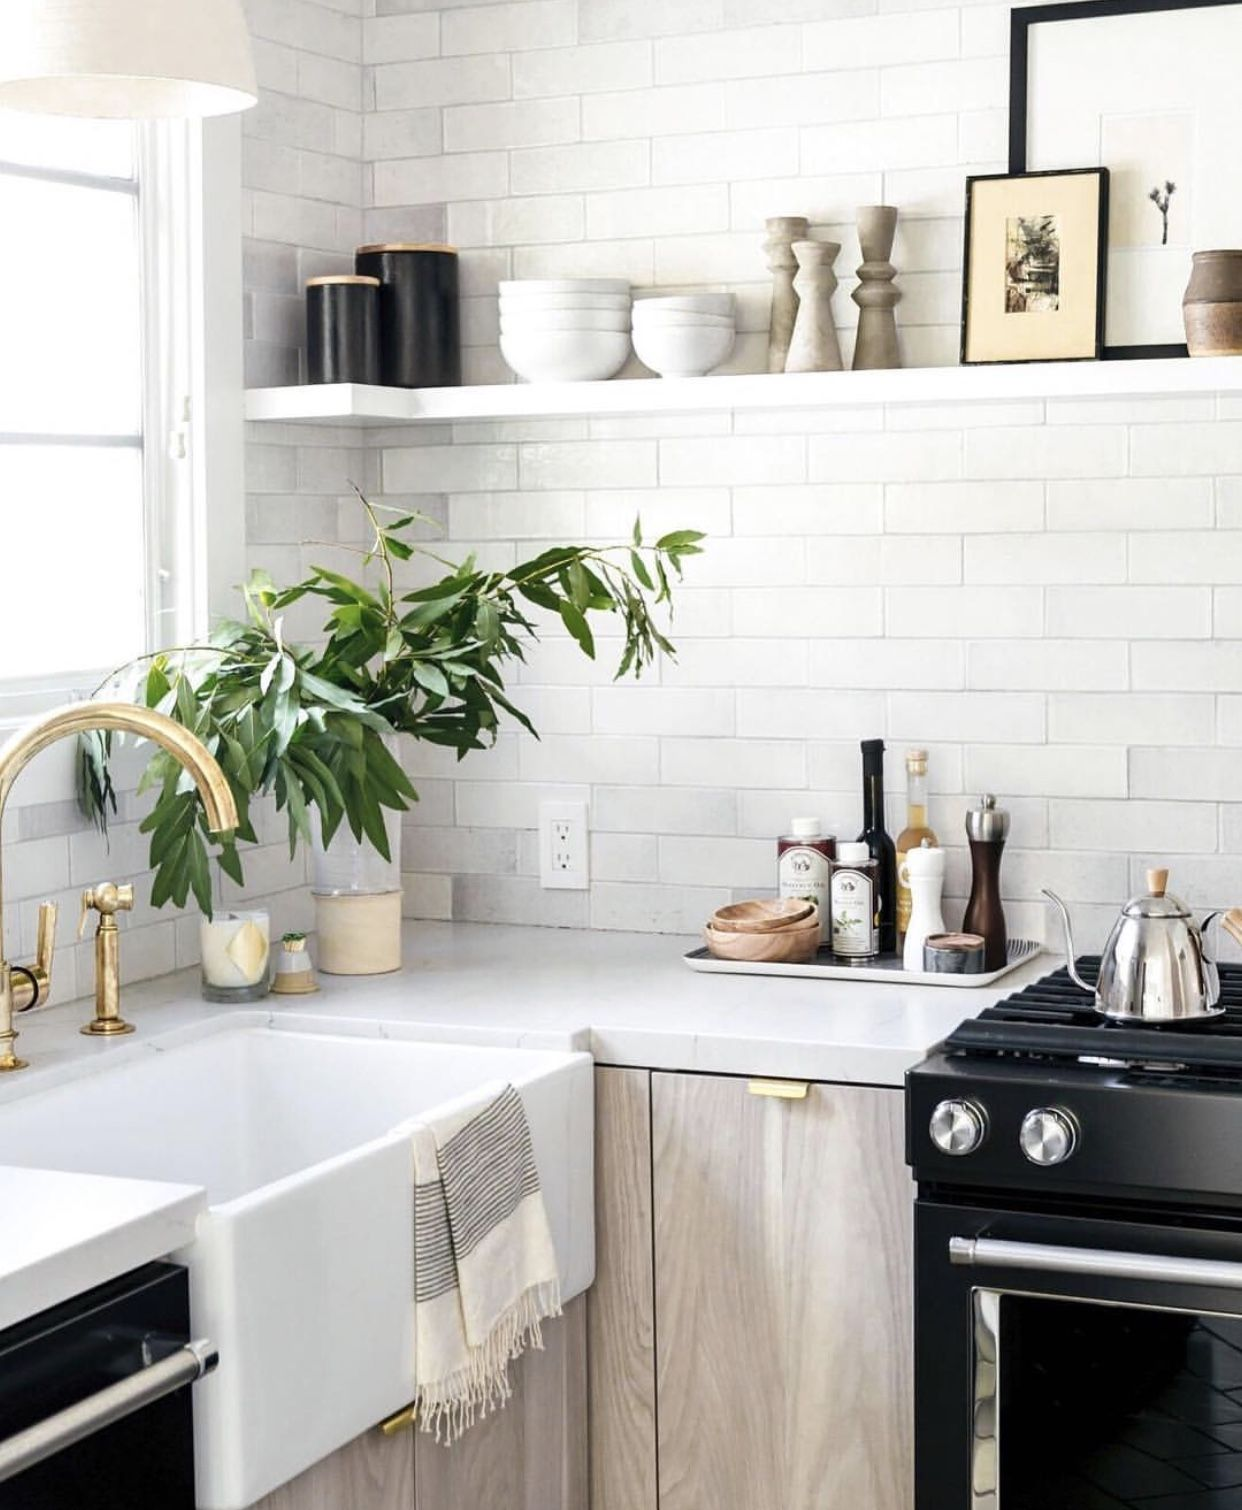 Pinterest Whitneymueller Kitchen Remodel Small Kitchen